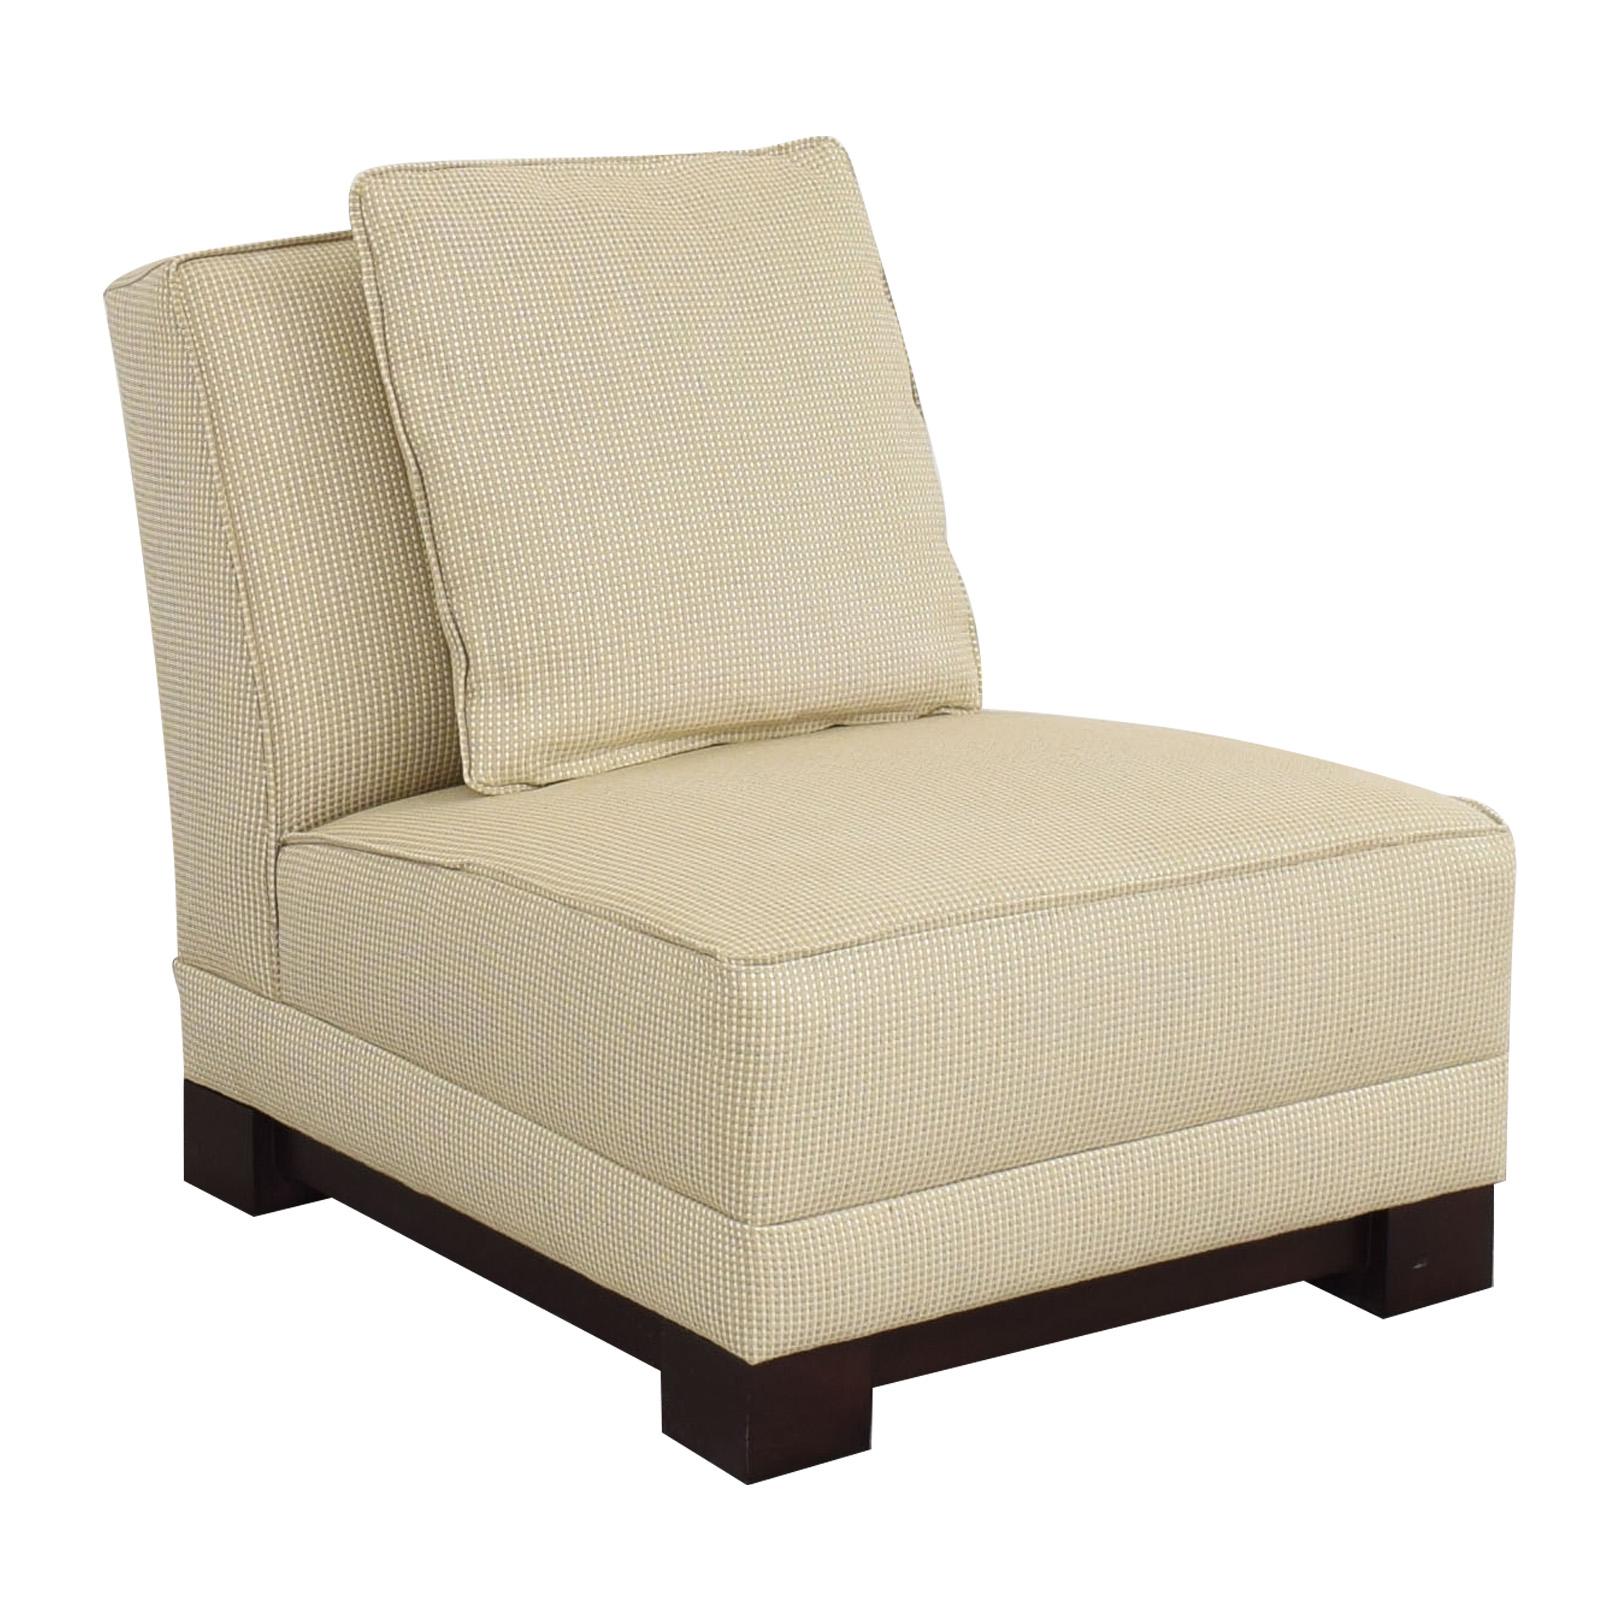 Ralph Lauren Home Ralph Lauren Home Hasley Slipper Chair tan